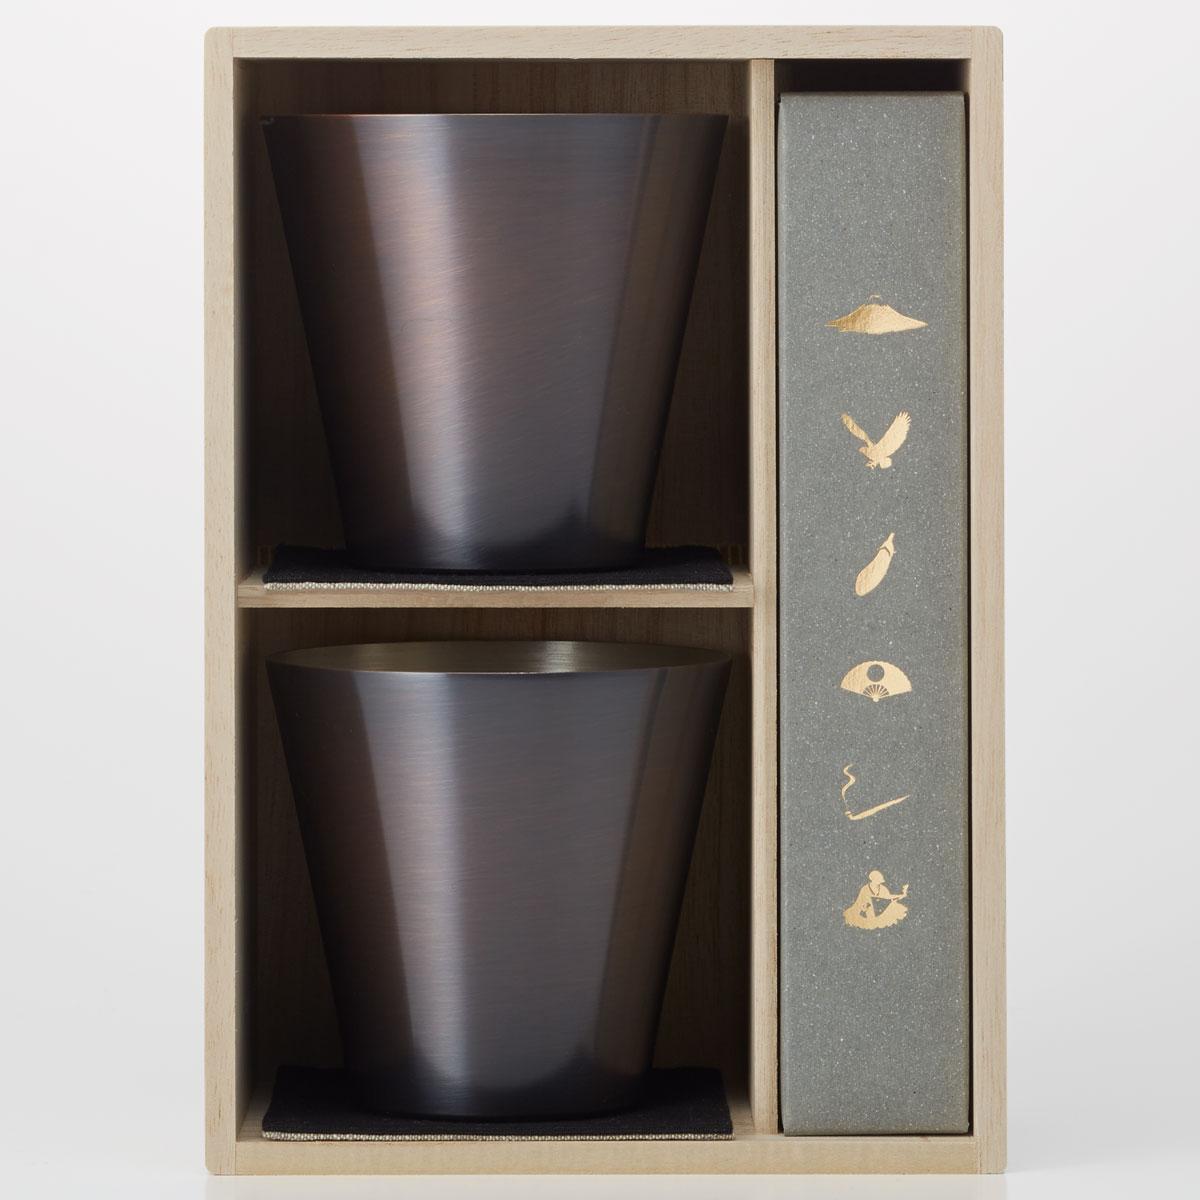 ロックグラス WDH 純銅製オールド 460ml&スプーン 2セット 銅製品 ダブリューディーエイチ ブラウン